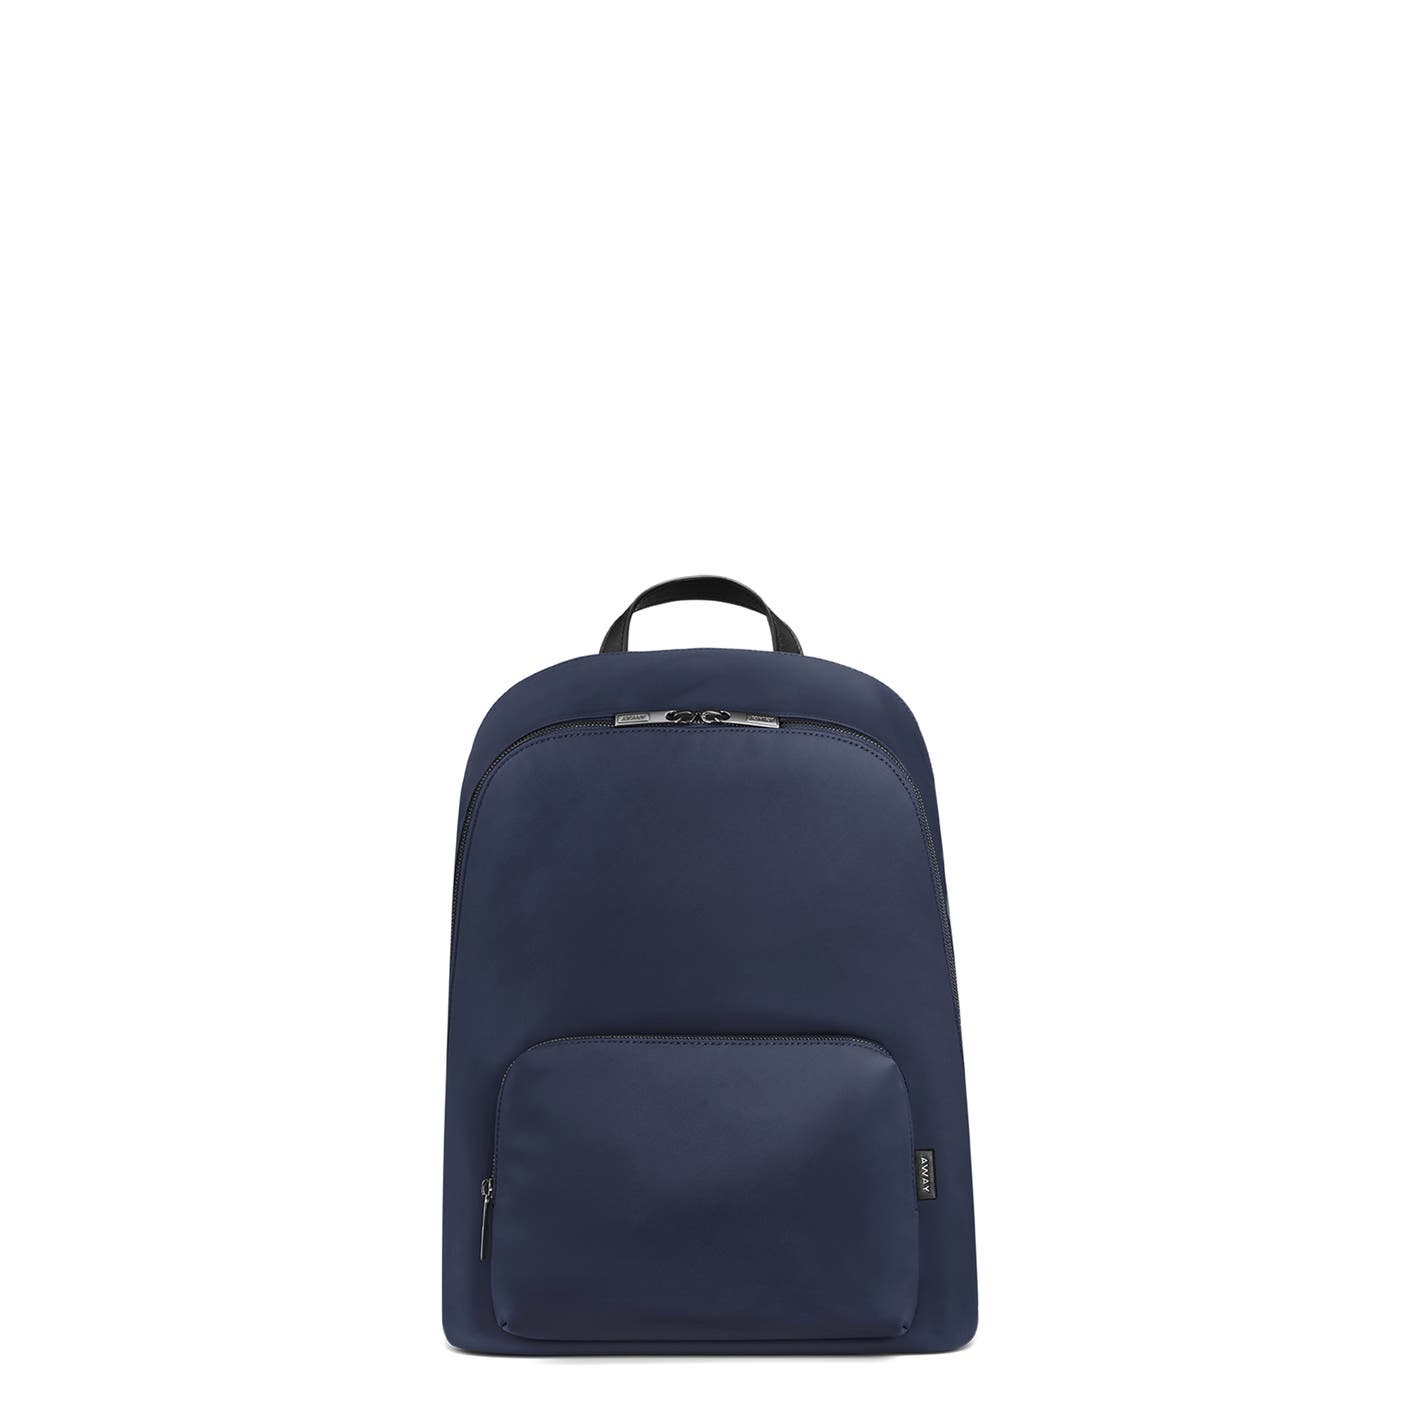 The Front Pocket Backpack